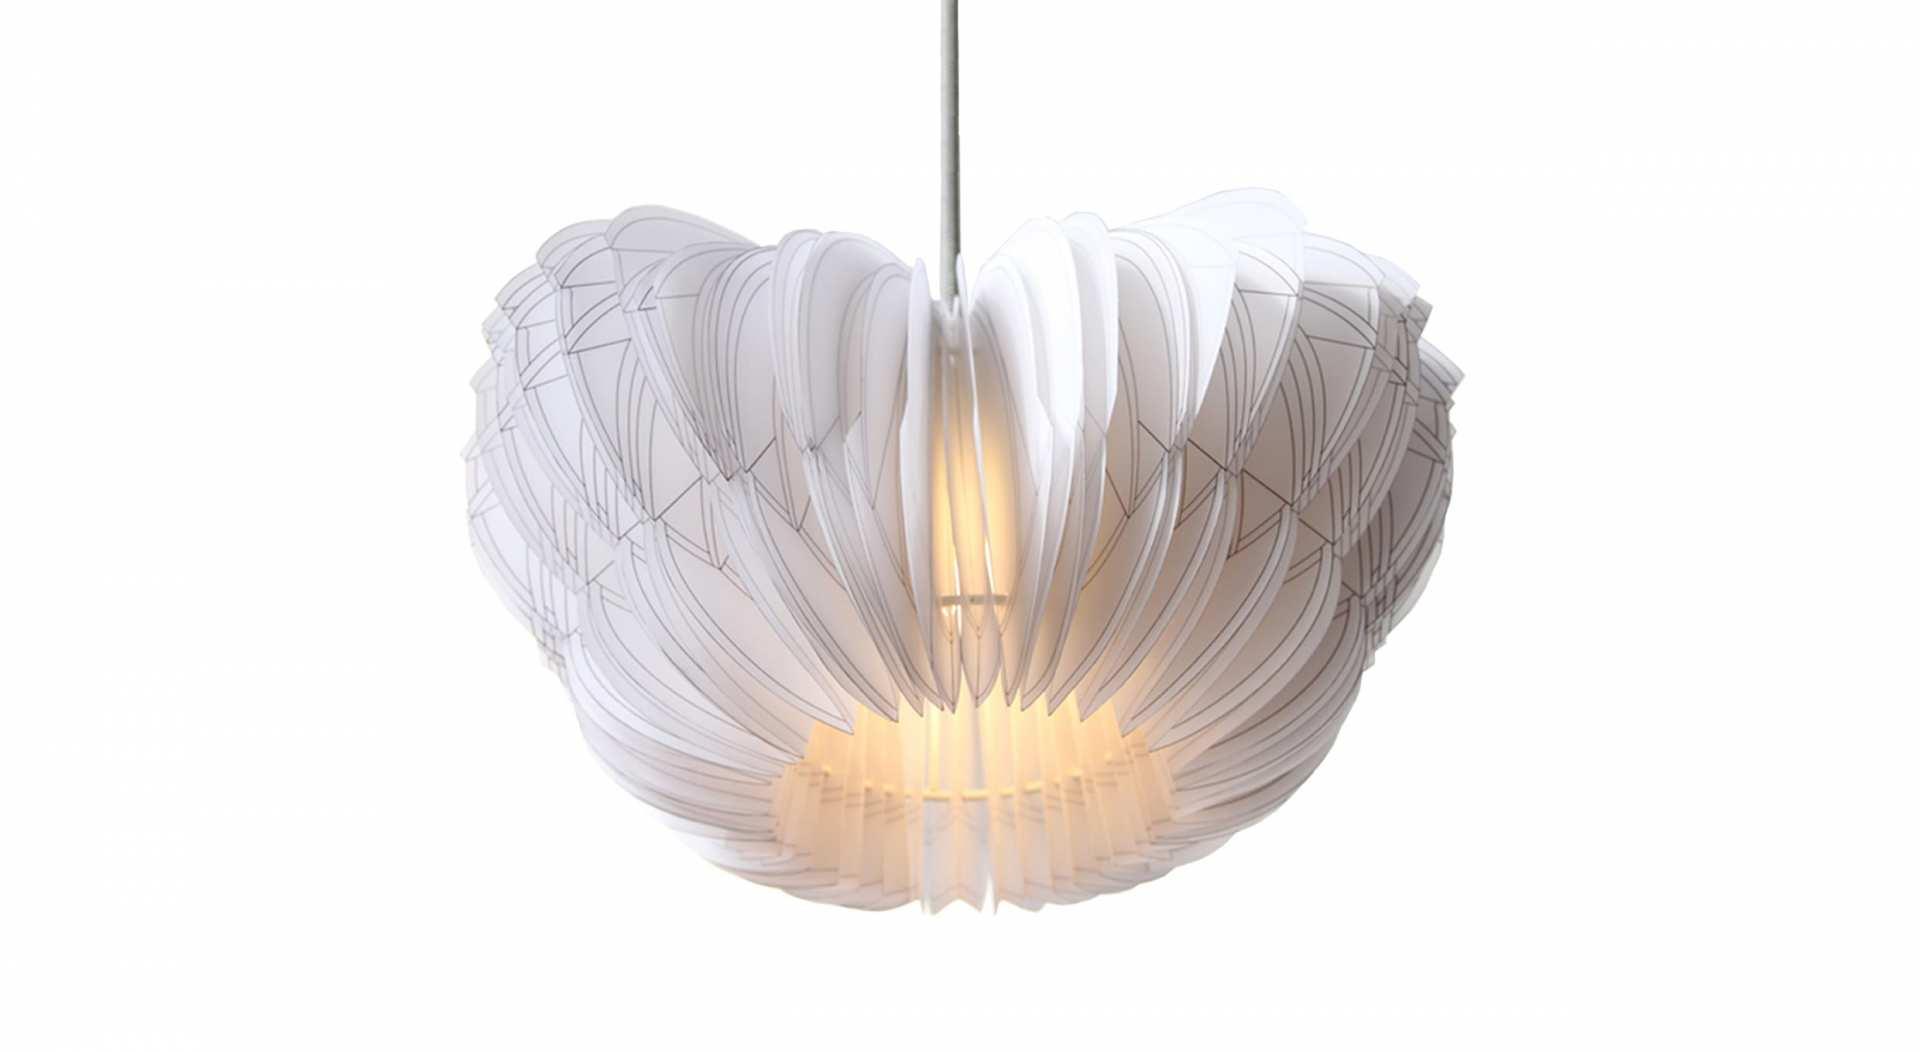 butterfly_paper_design_lamp_verlichting_product_studio_arntzen